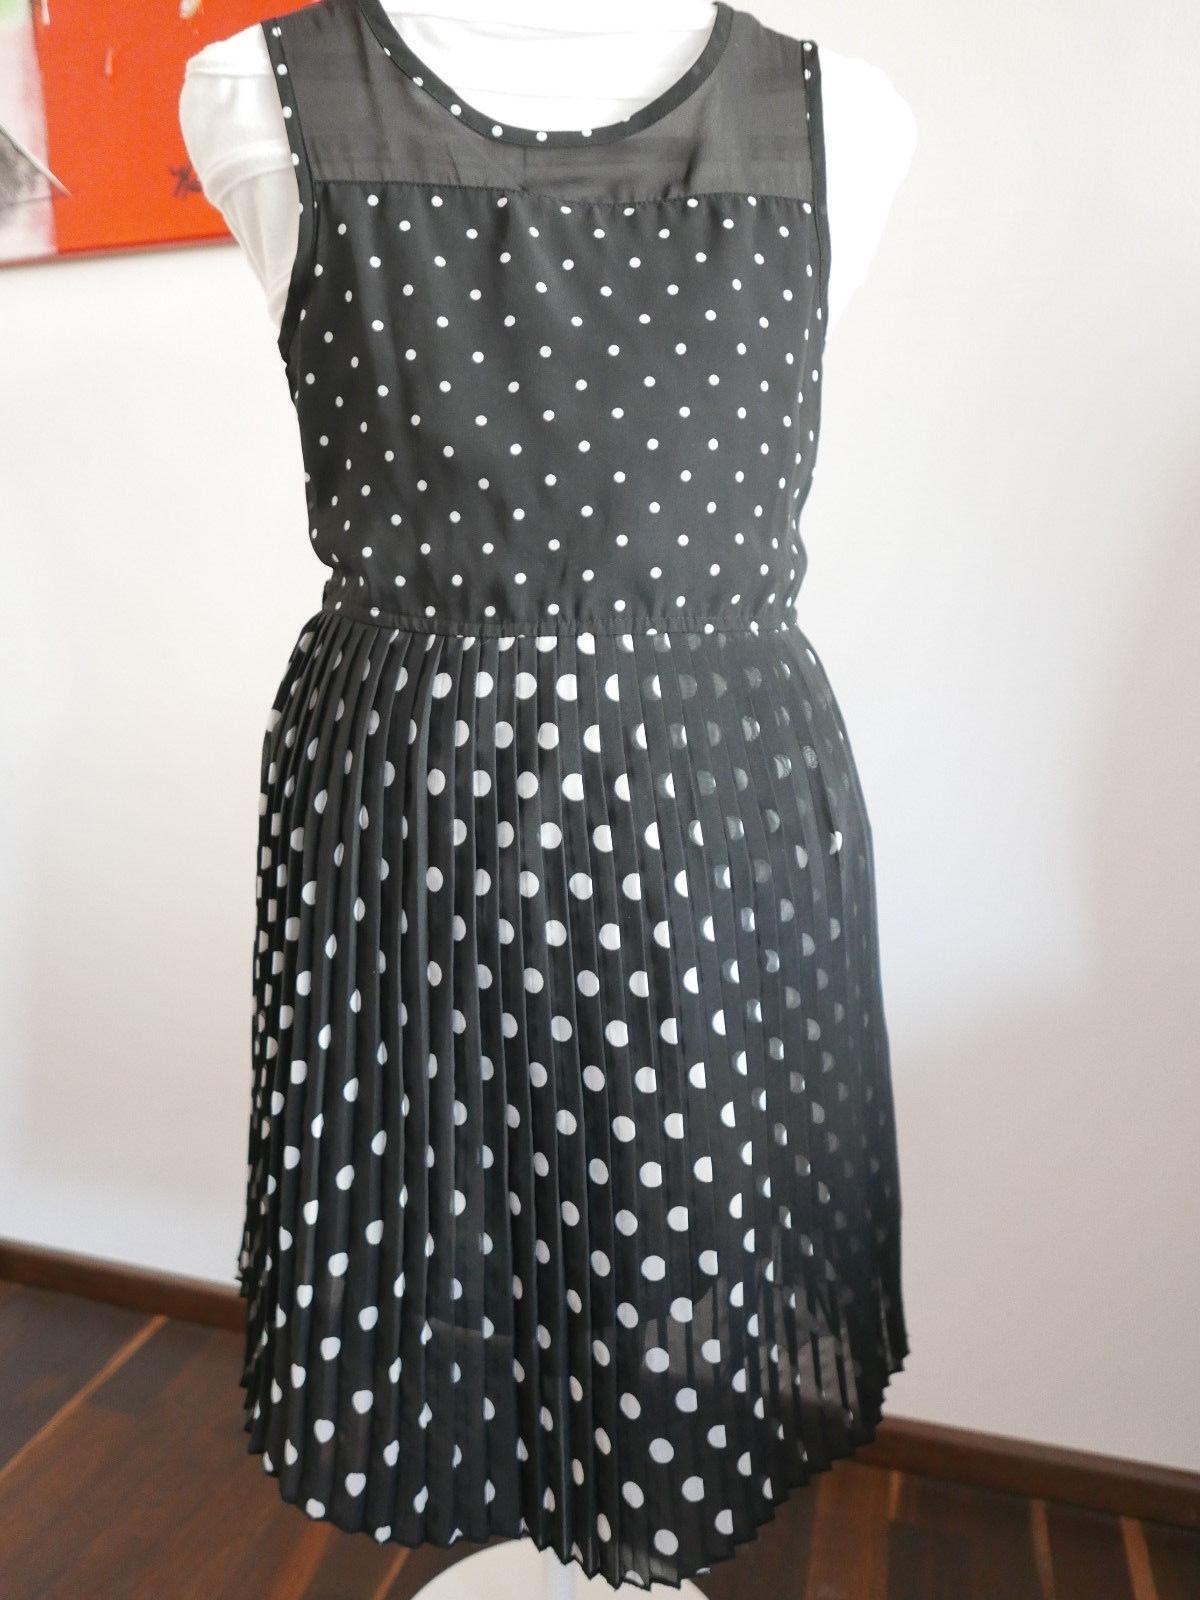 Formal Spektakulär Elegante Kleider Größe 50 Galerie10 Top Elegante Kleider Größe 50 Ärmel